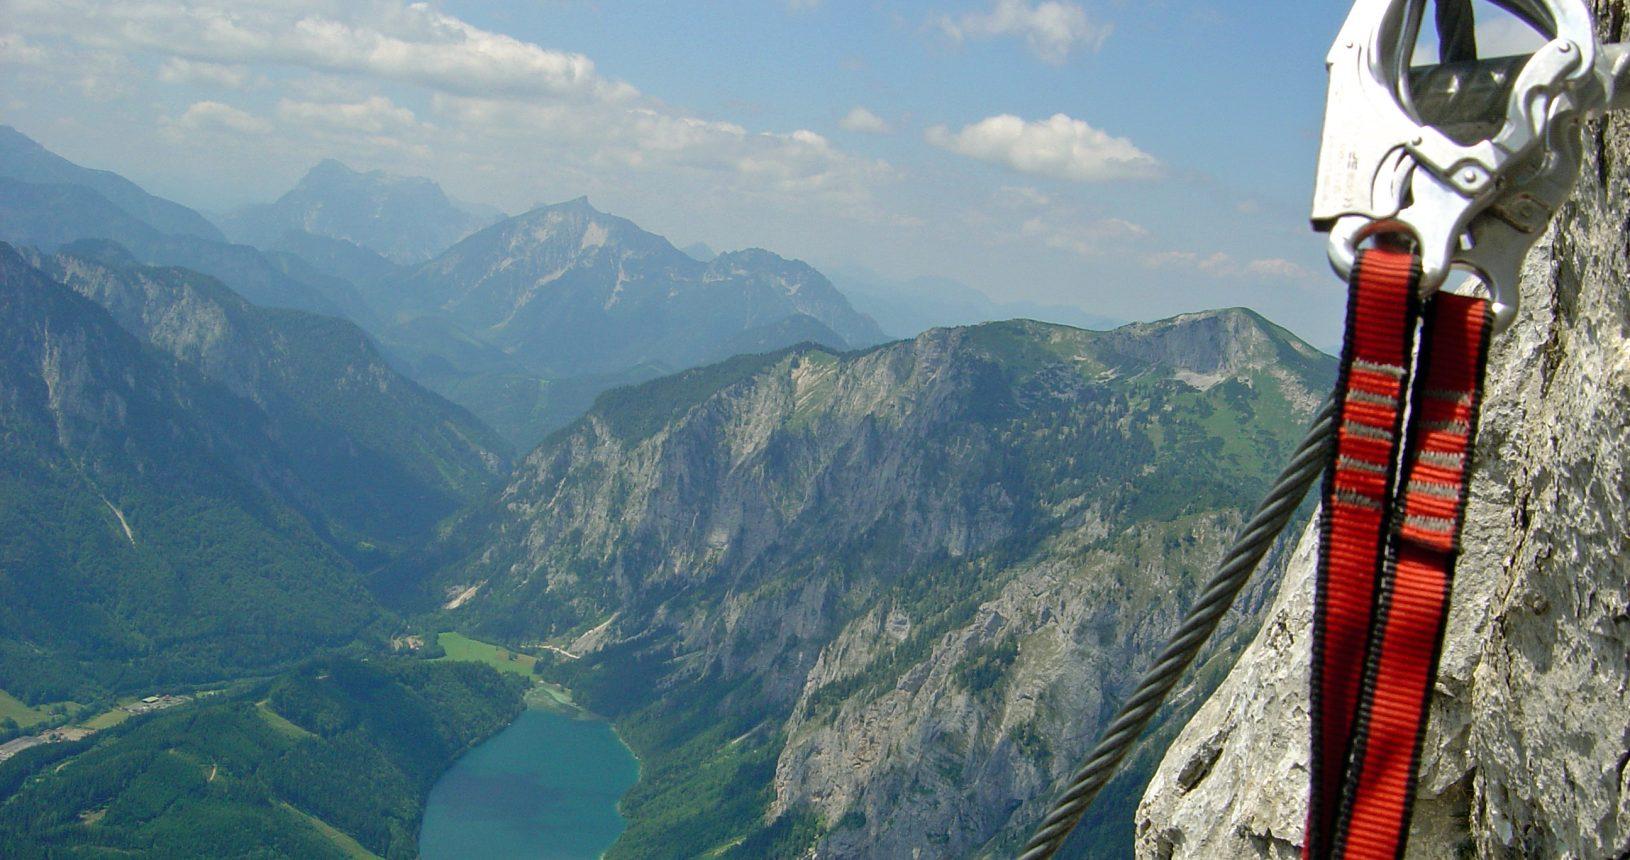 Alpesi-szállás-kalandok-Via-Ferrata-Klettersteig-www.alpesikaland.hu-8